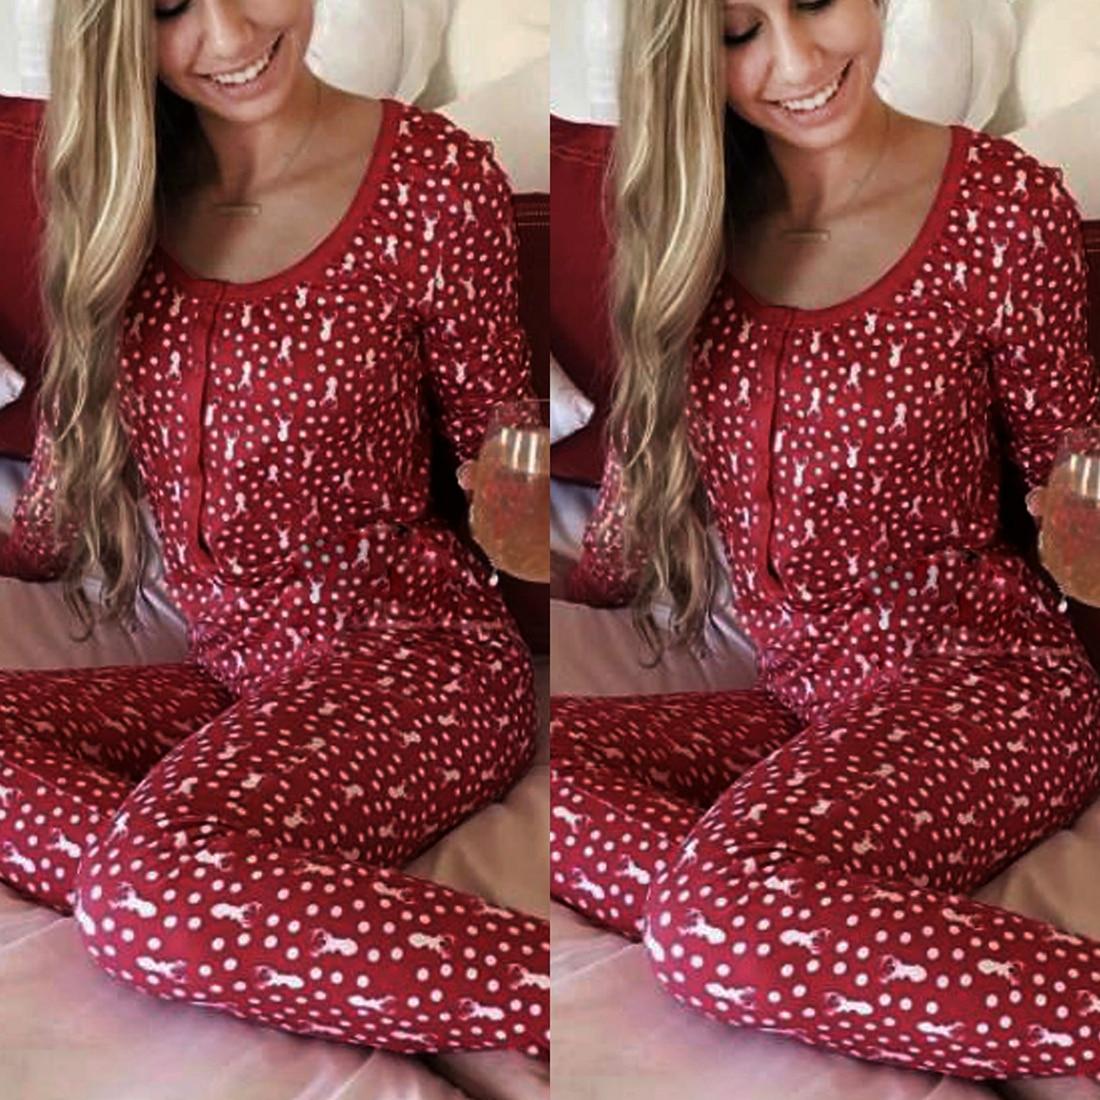 2dff70b56888f Rouge Imprimé Floral De Noël Pyjamas Femmes Deux Pièces Ensemble Homewear  Automne Hiver Pyjamas À Manches Longues Mince vêtements de Nuit des Femmes  dans ...